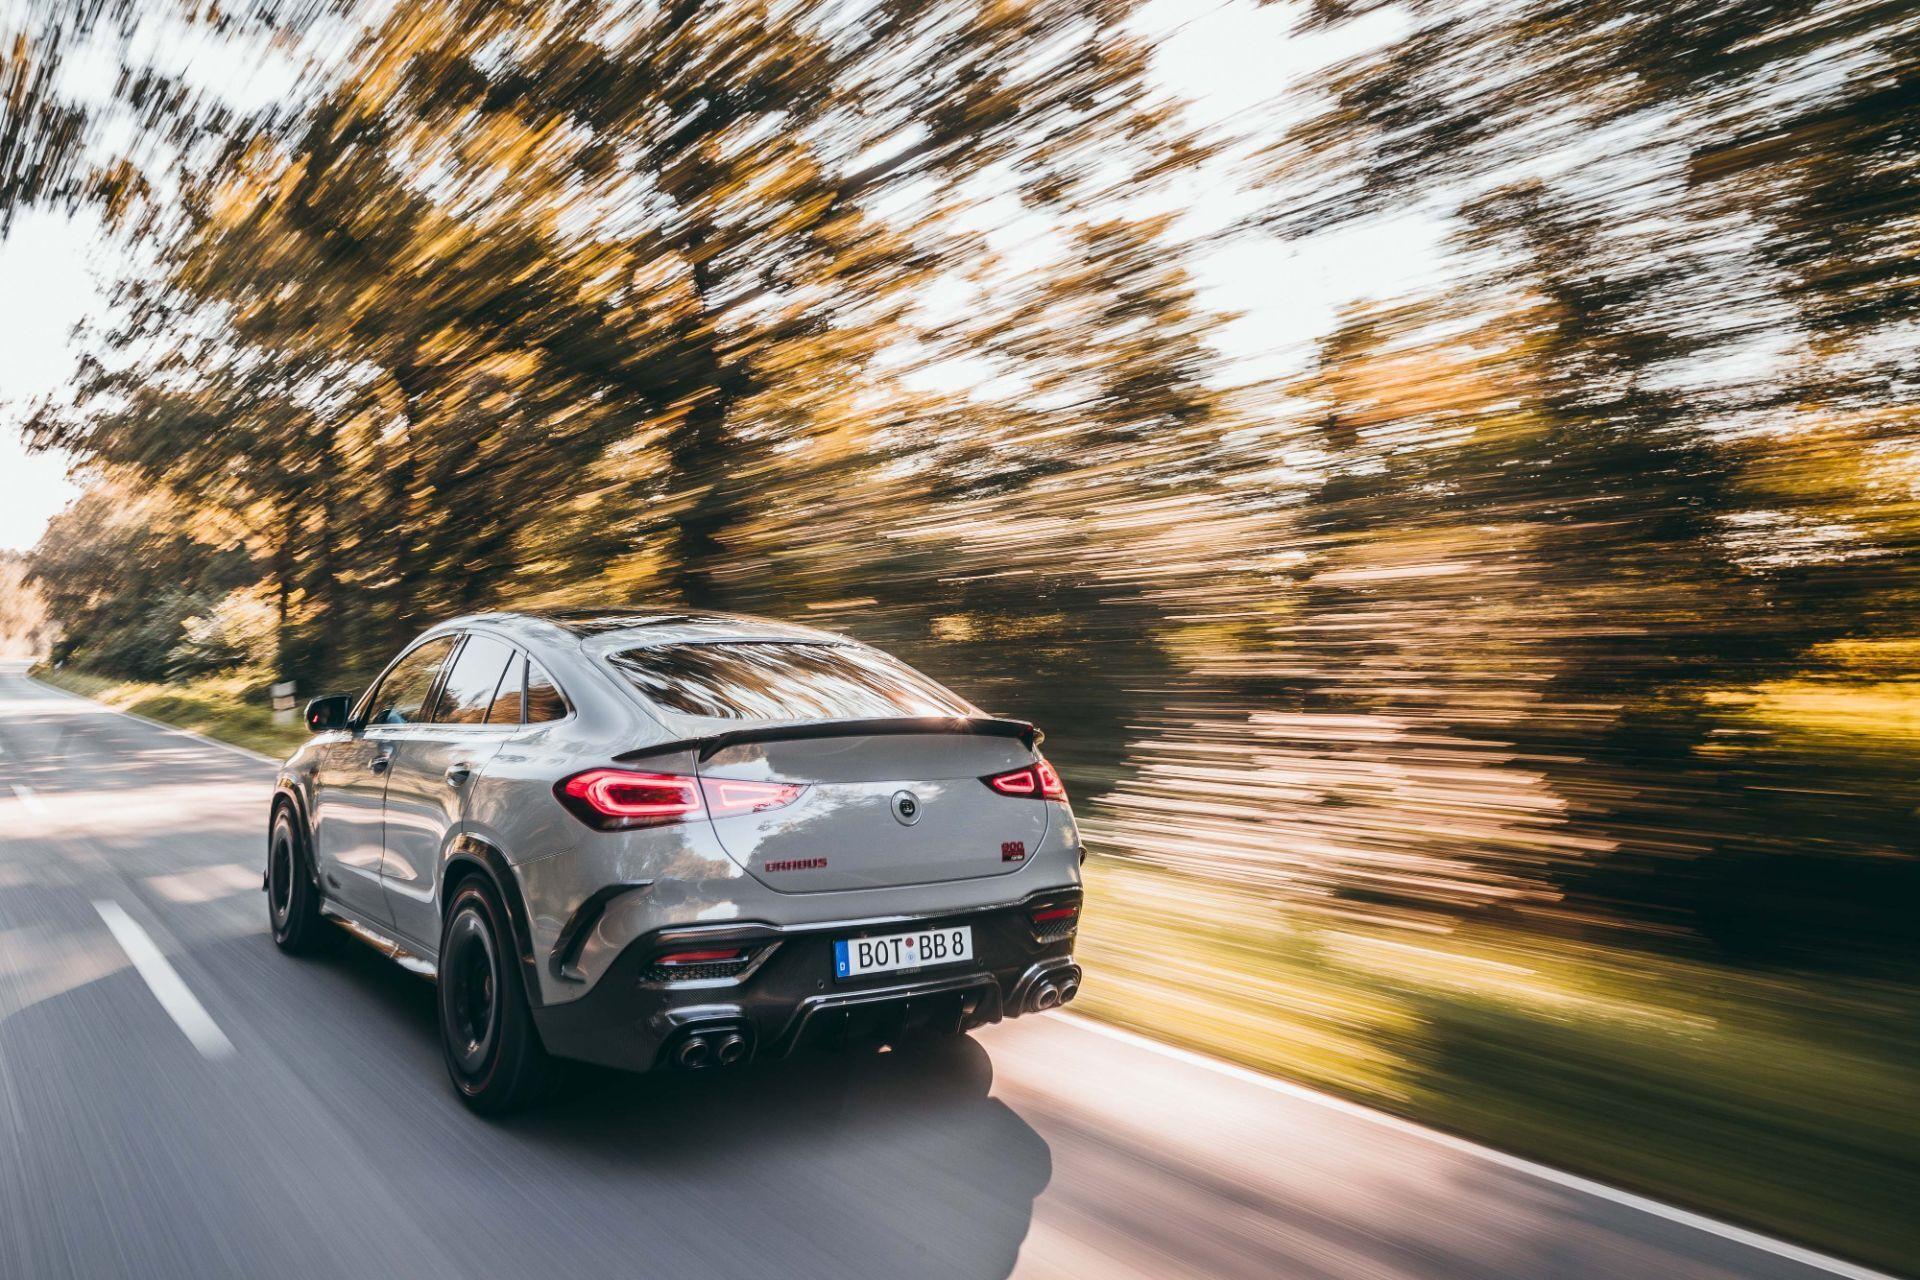 На спринт от 0 до 100 км/ч новинке требуется всего 3,2 секунды, а заявленная производителем максимальная скорость достигает 330 км/ч